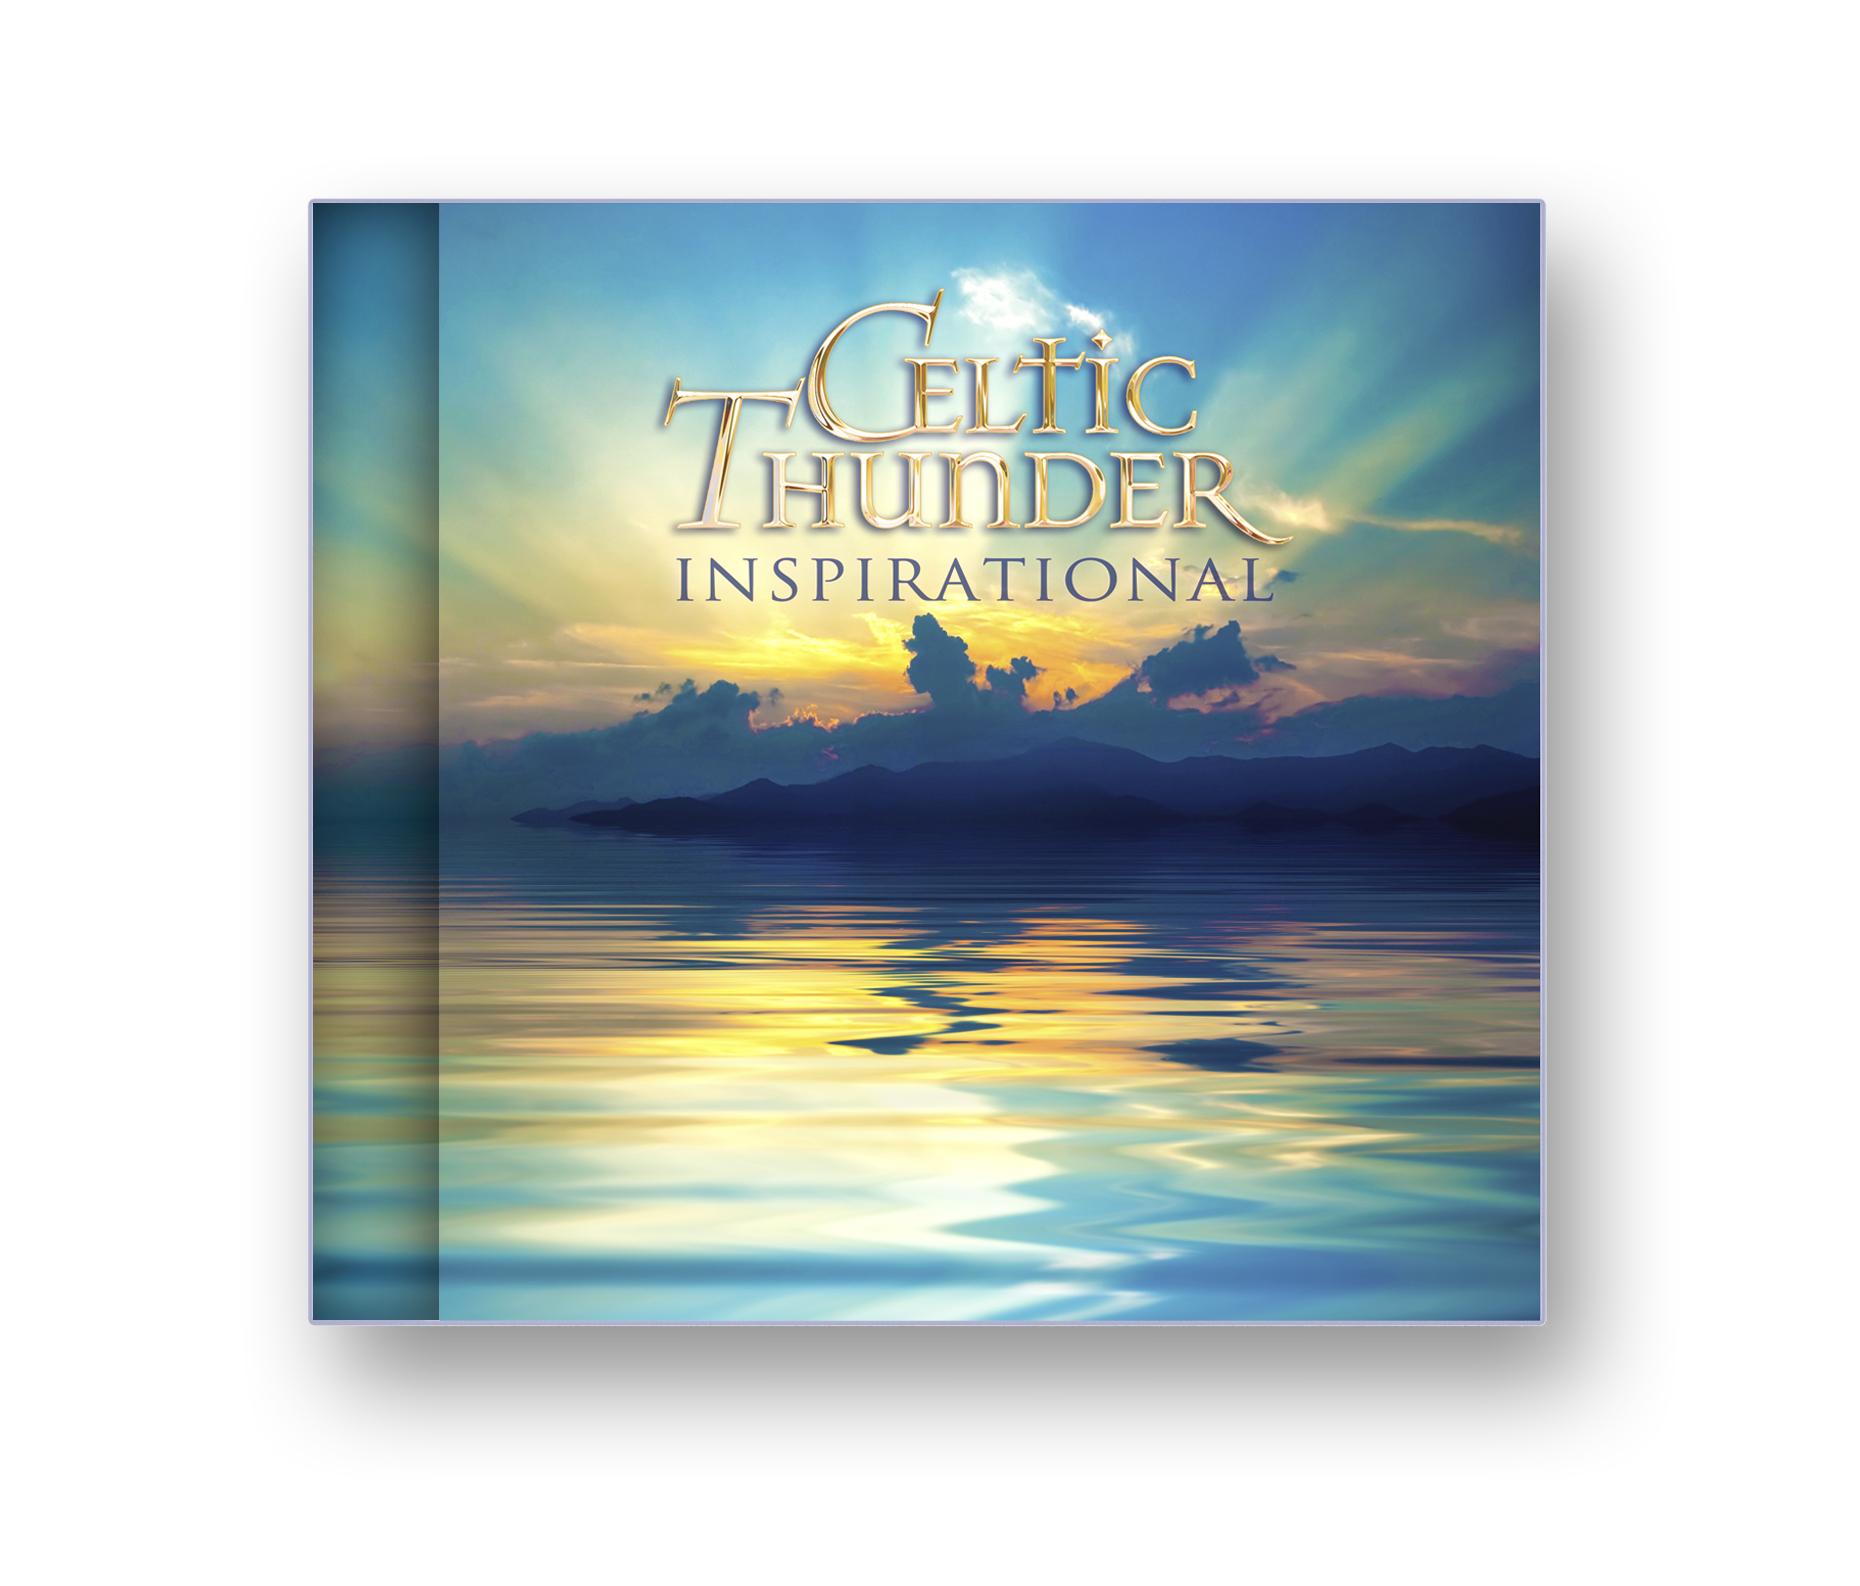 Celtic Thunder Inspirational Cd ( NEW ) - Celtic Thunder Store